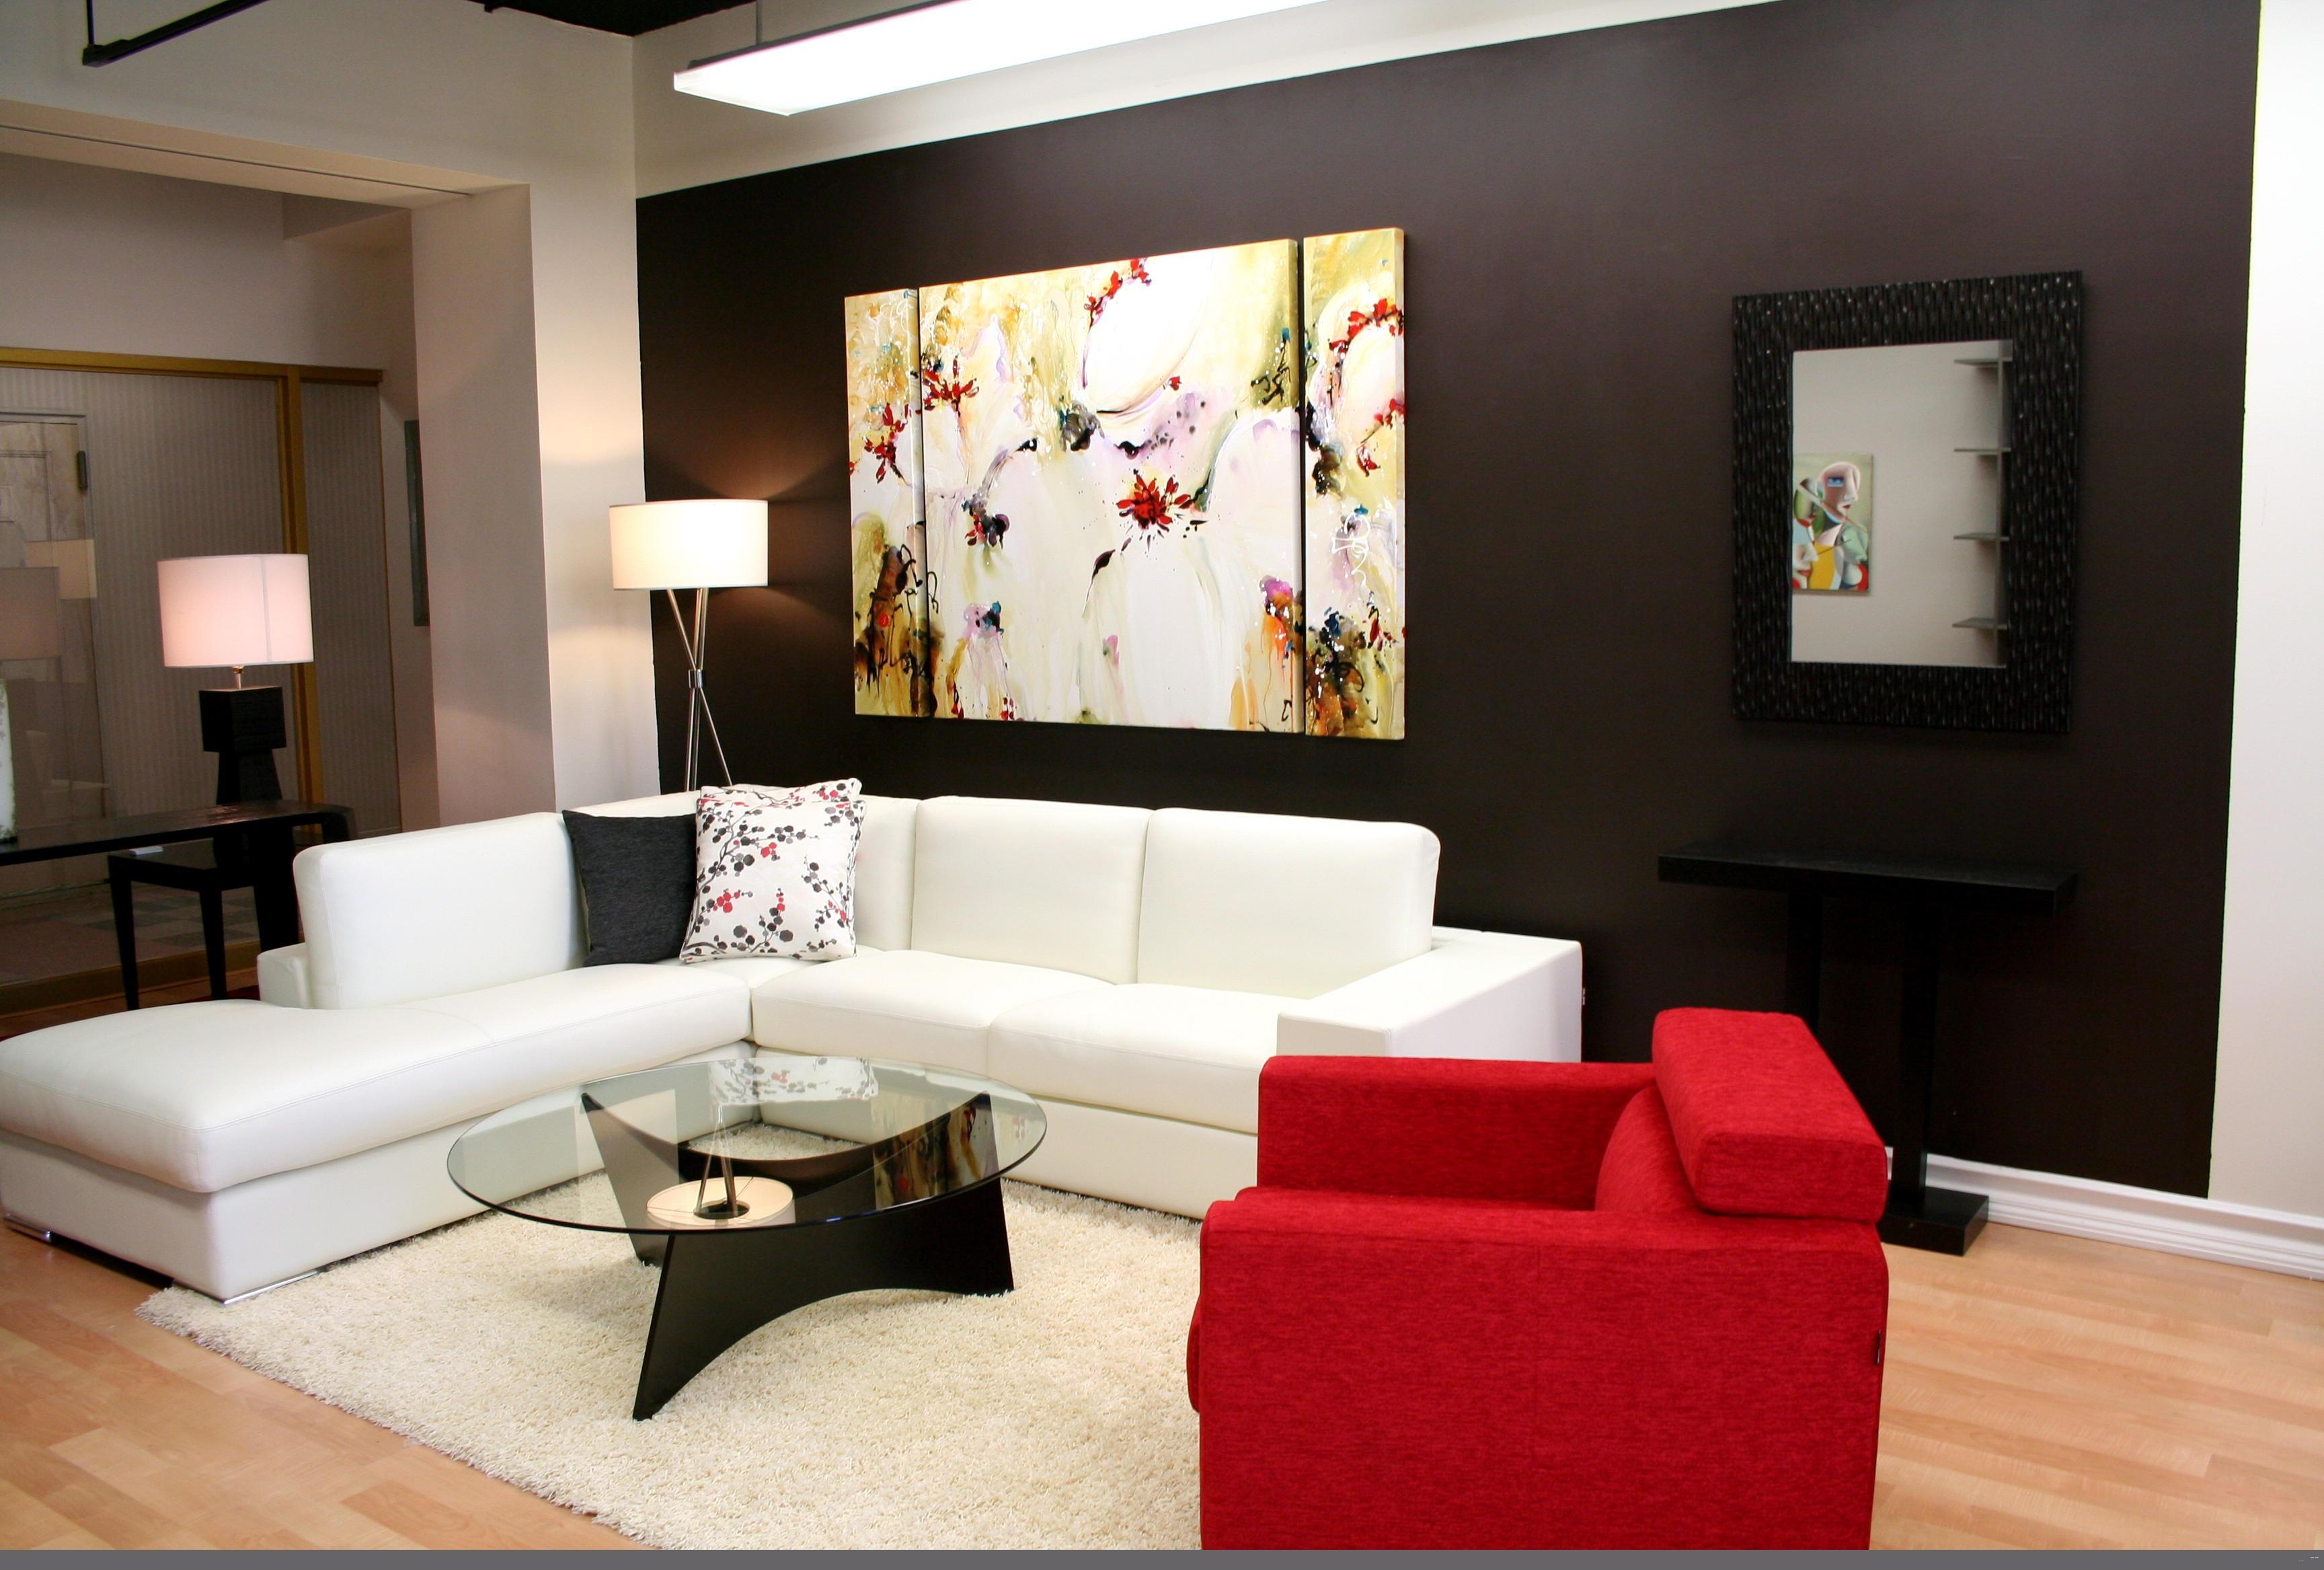 Idea Hiasan Dalaman Ruang Tamu Minimalis Dengan Gabungan Set Sofa Putih Dan Merah Juga Meja Kopi